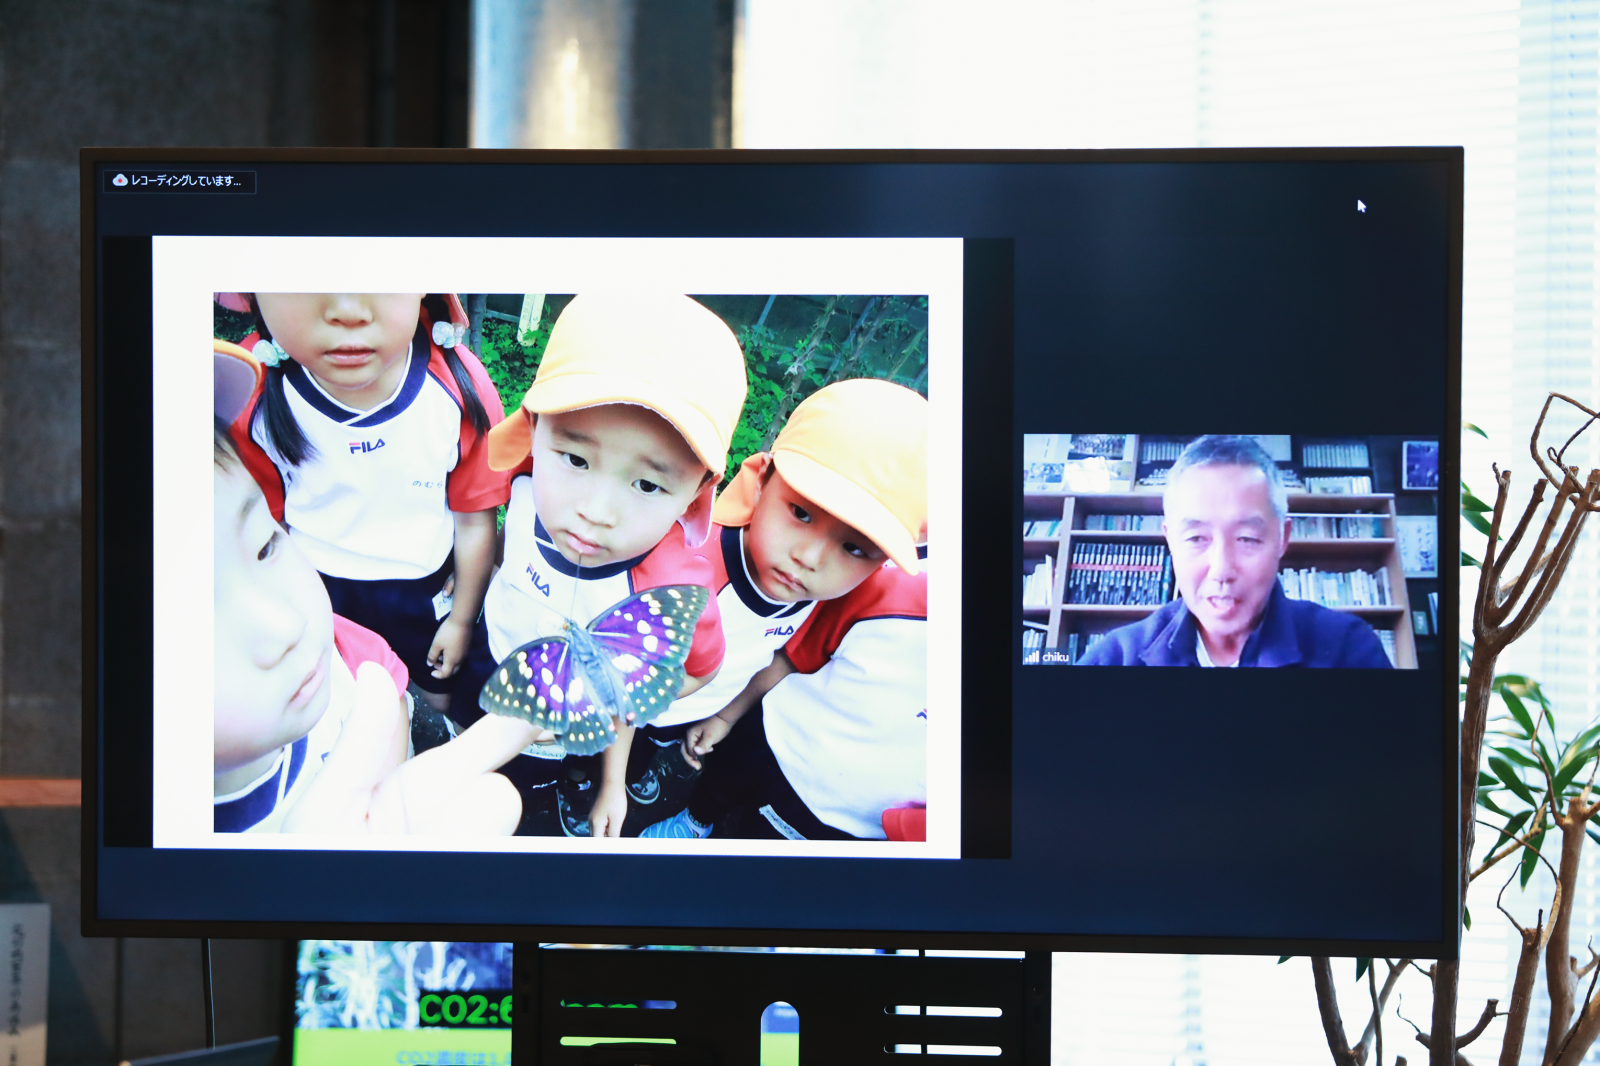 23年前に東京から移住した知久賢治さん(右)が園長を務める『すぎの子幼稚園』。園児たちは国蝶のオオムラサキを飼育し、成長過程を観察する。